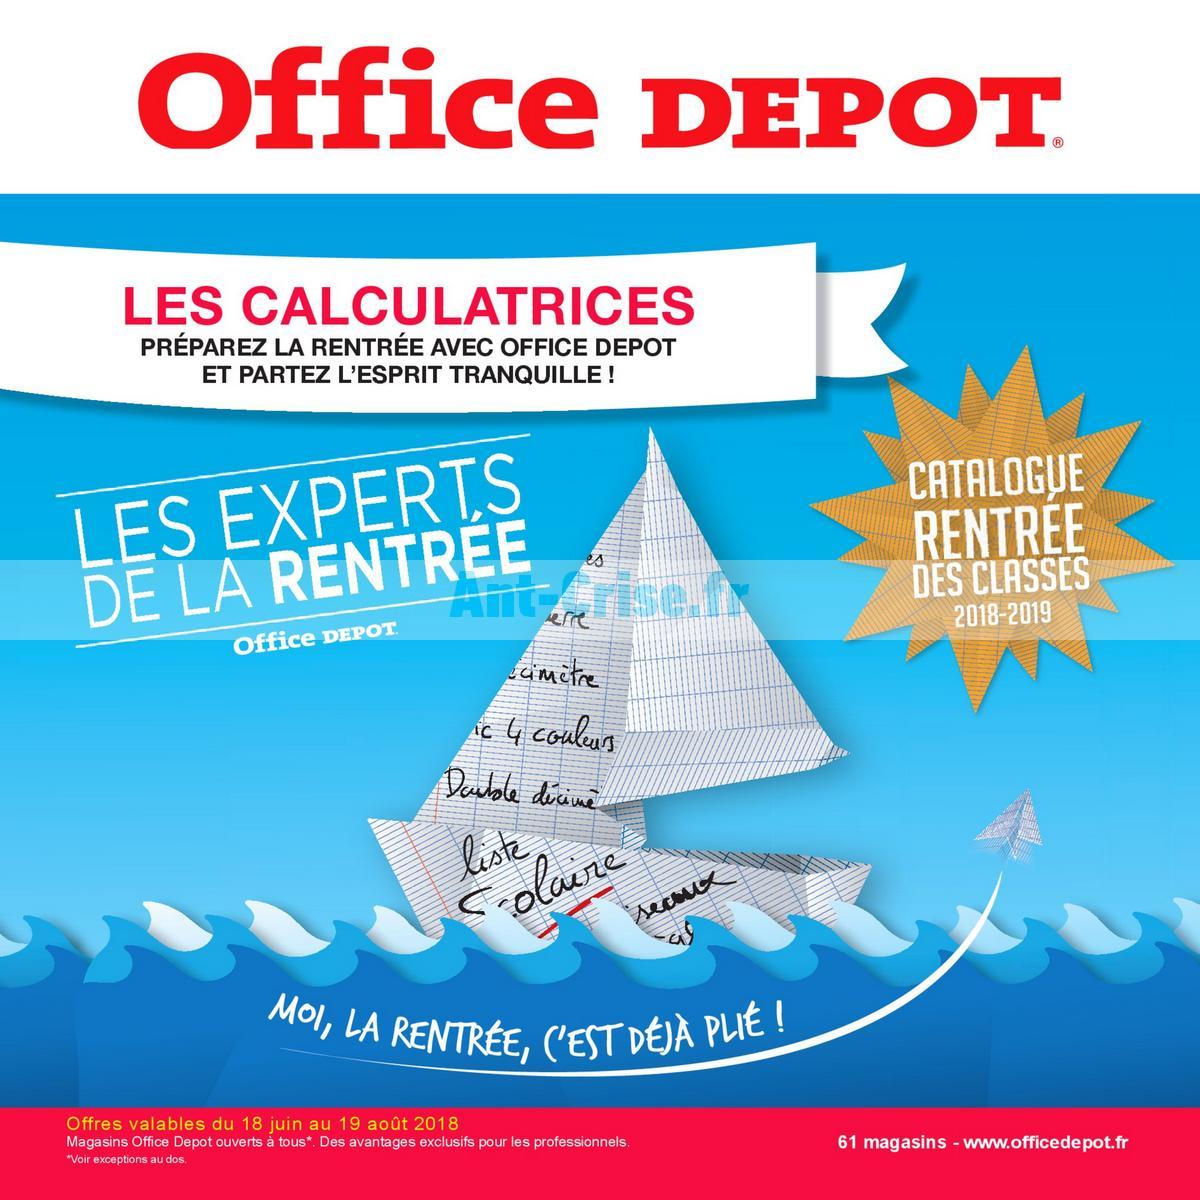 aout2018 Catalogue Office Dépôt du 18 juin au 19 août 2018 (Calculatrices) (1)